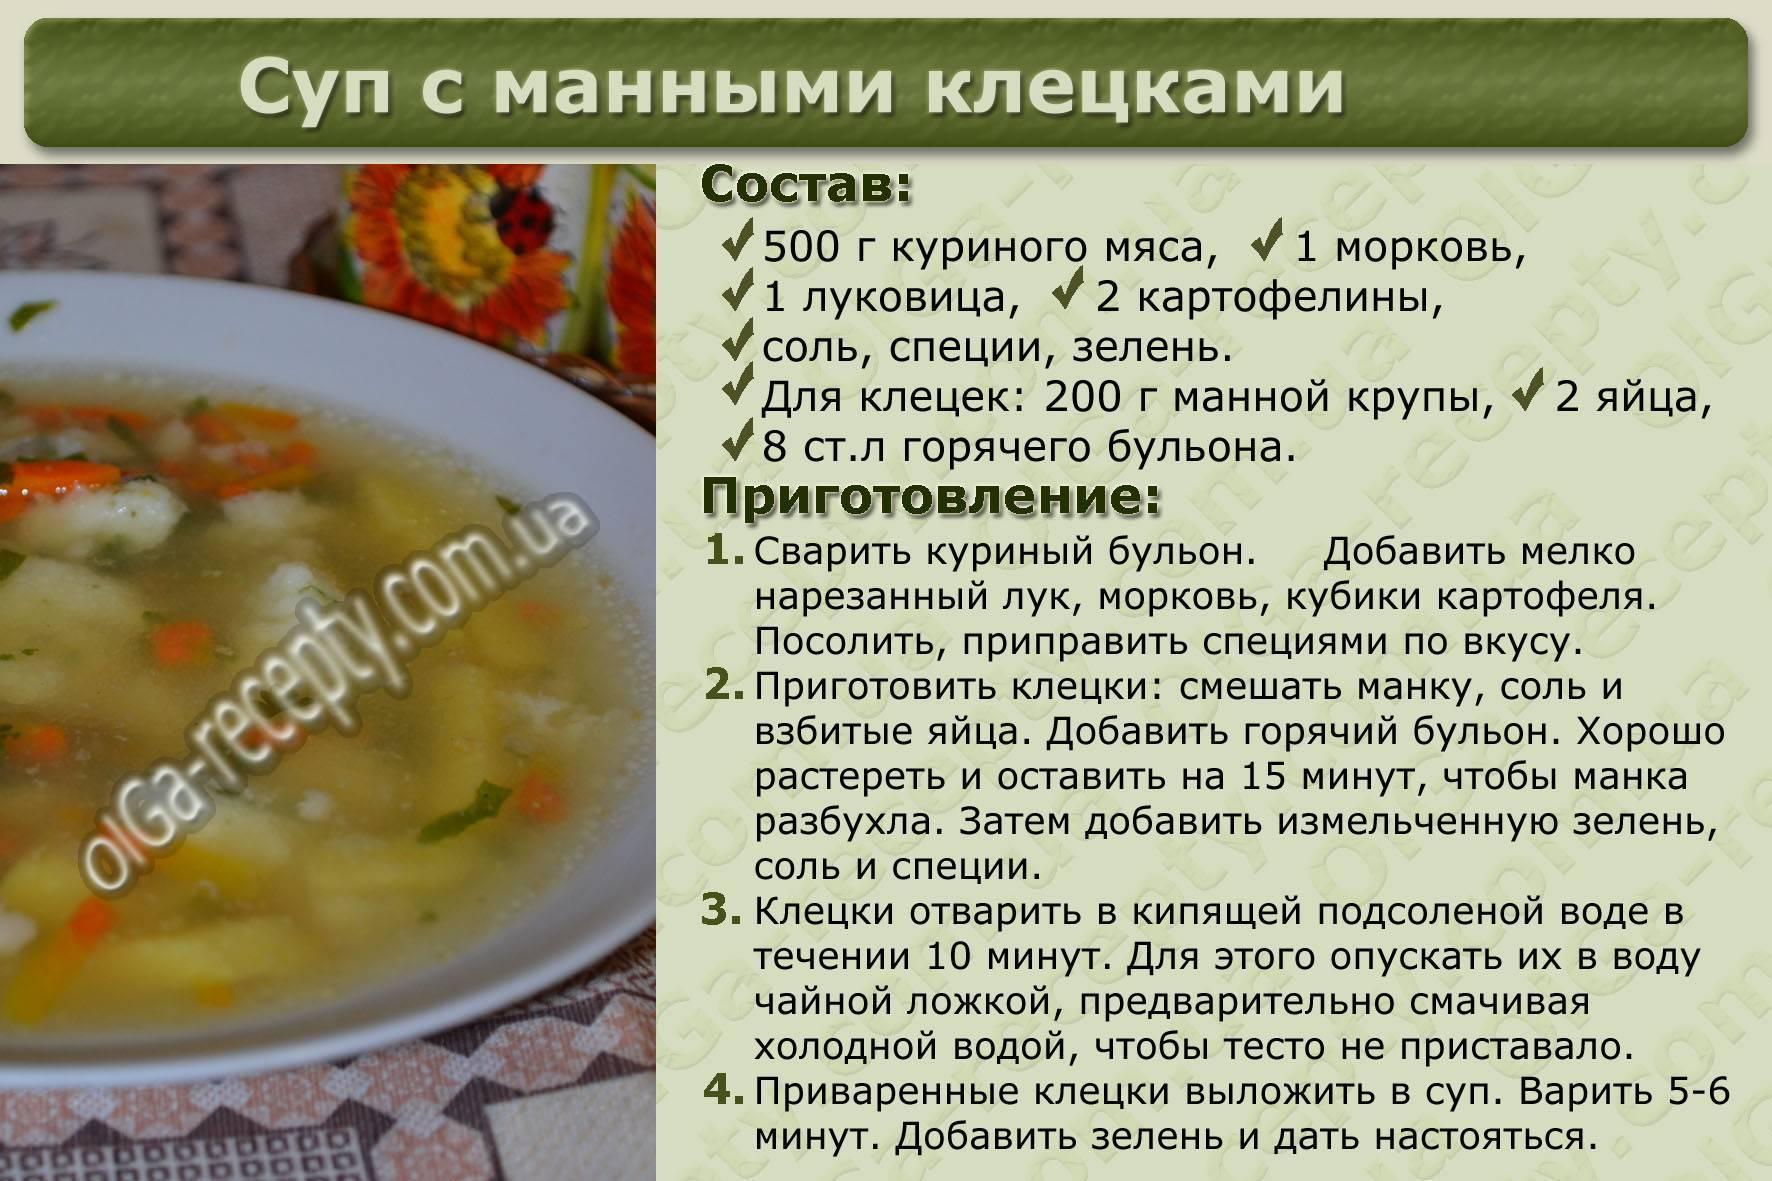 Раковый суп коронационный